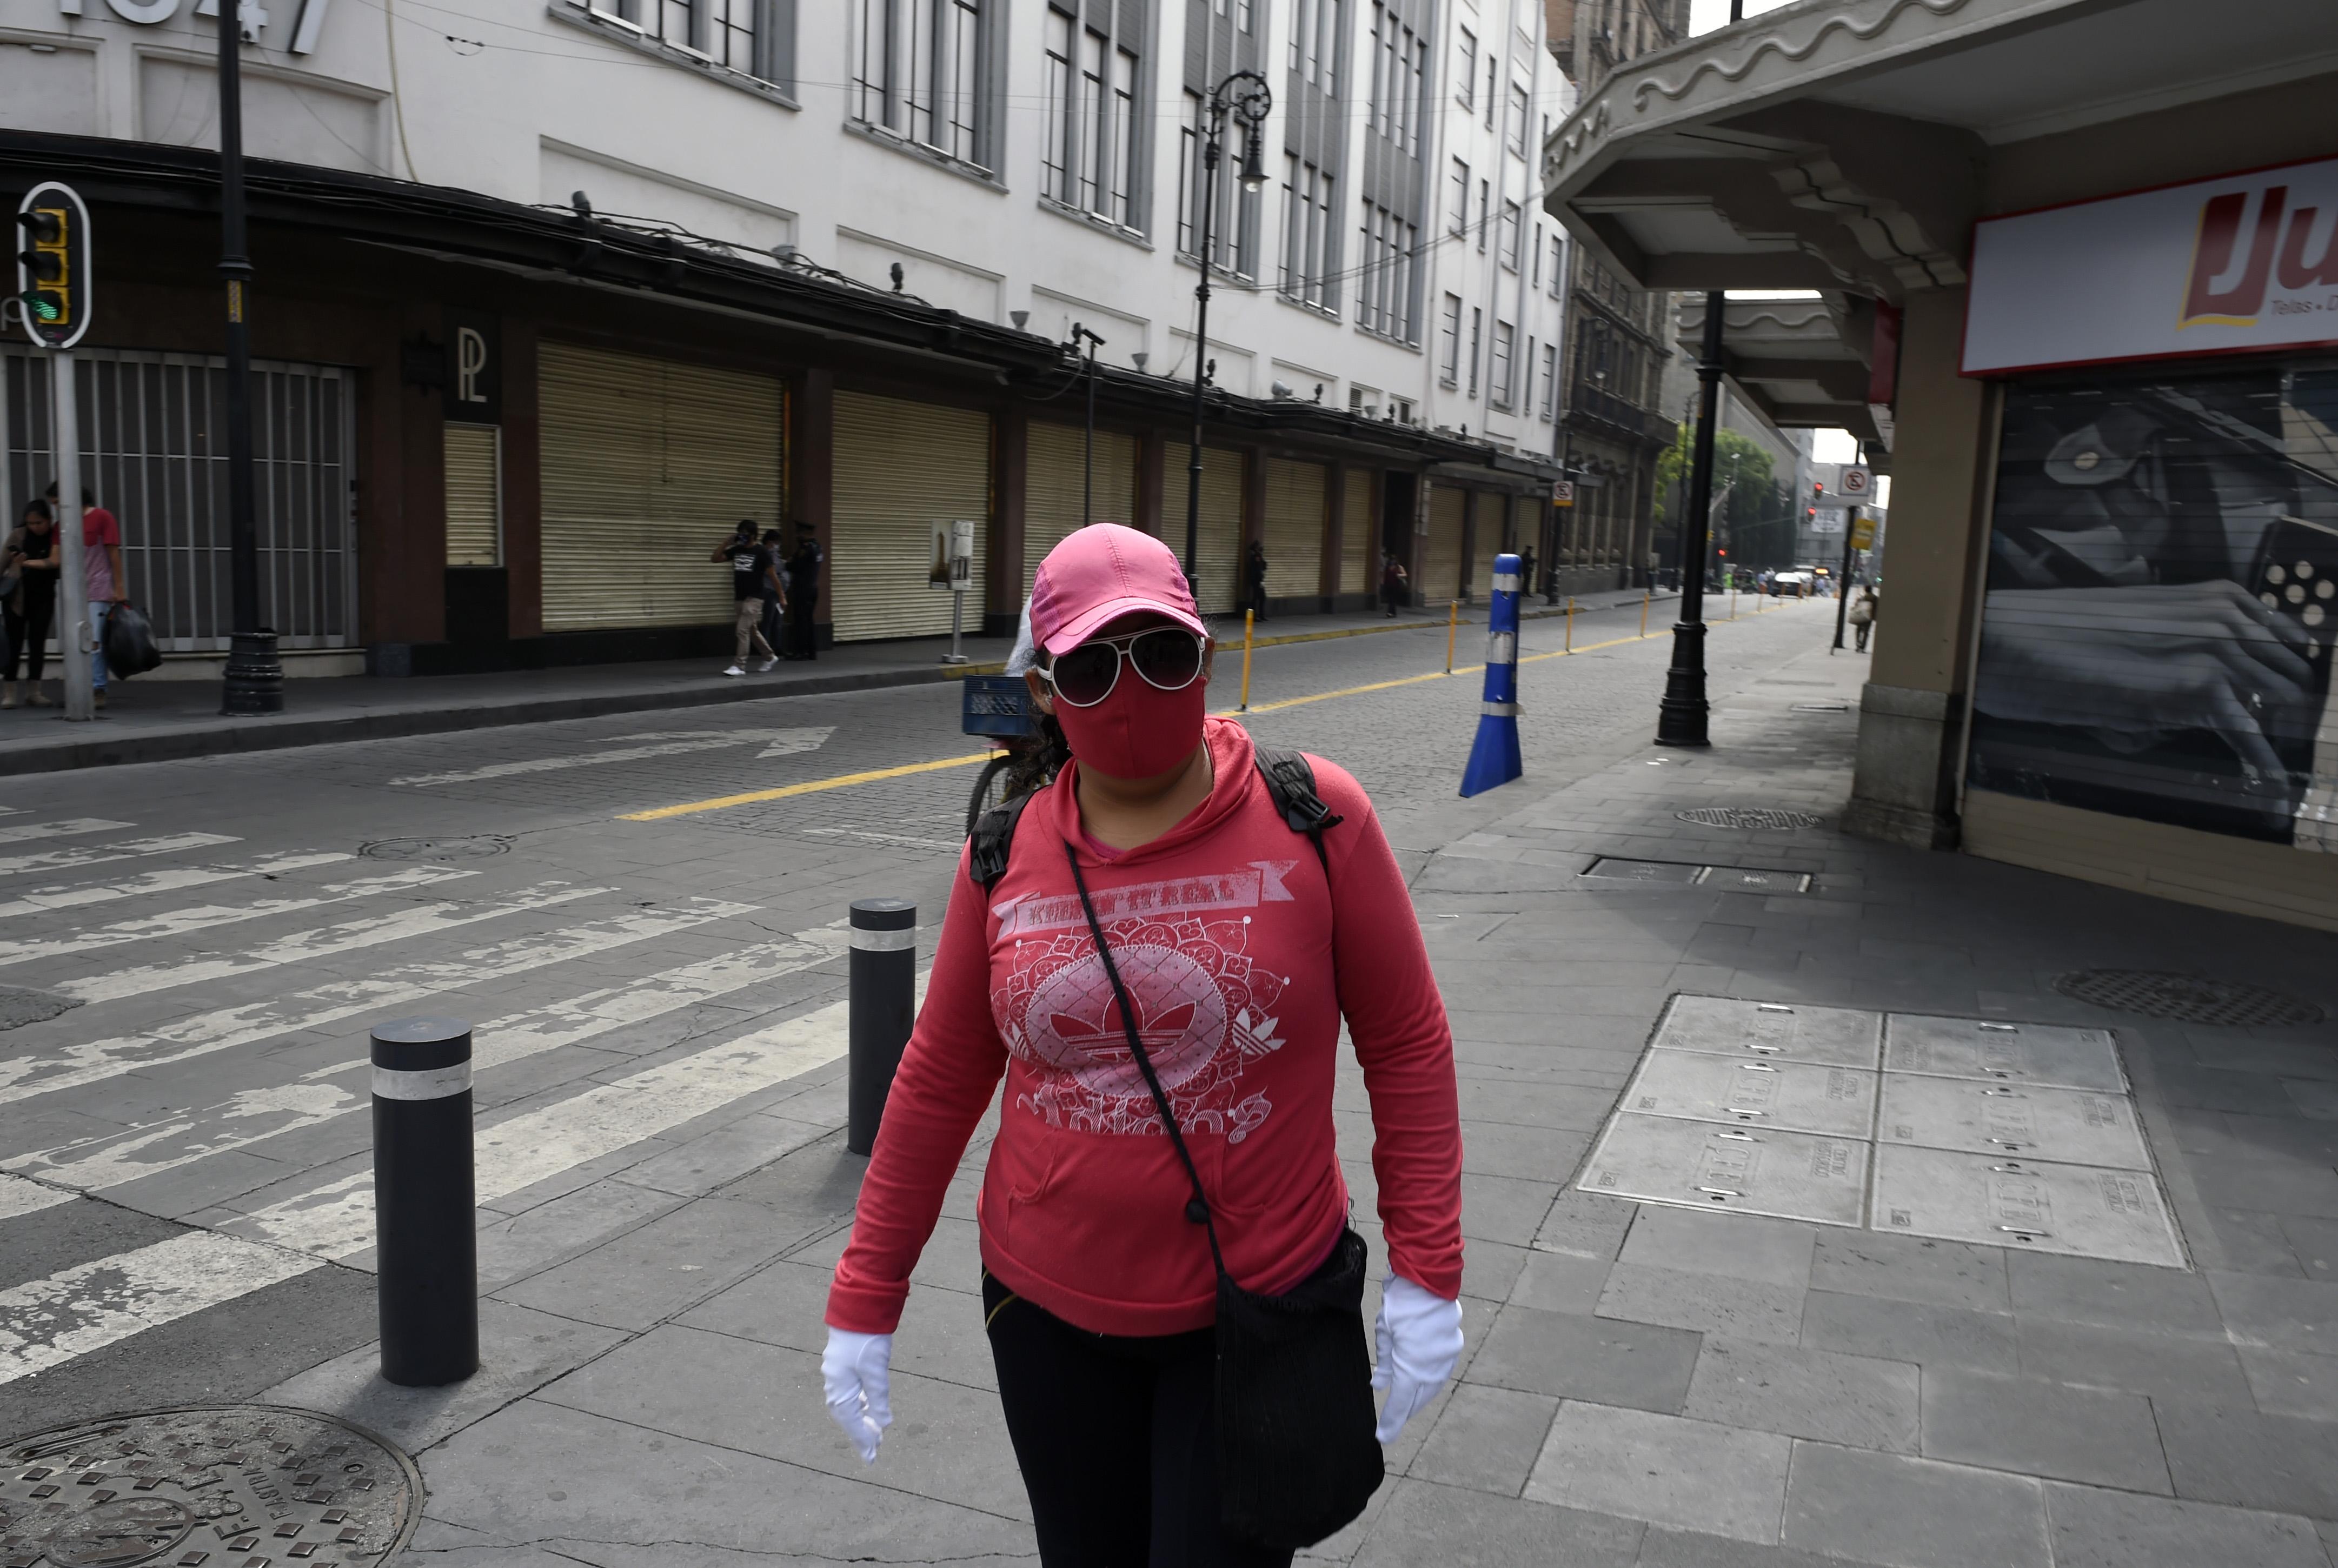 Una mujer camina por una calle del centro histórico de la Ciudad de México habilitada para ciclistas y peatones, como parte de las medidas de reapertura adoptadas por el gobierno el 29 de junio de 2020 durante la pandemia de COVID-19. (Foto: ALFREDO ESTRELLA / AFP)